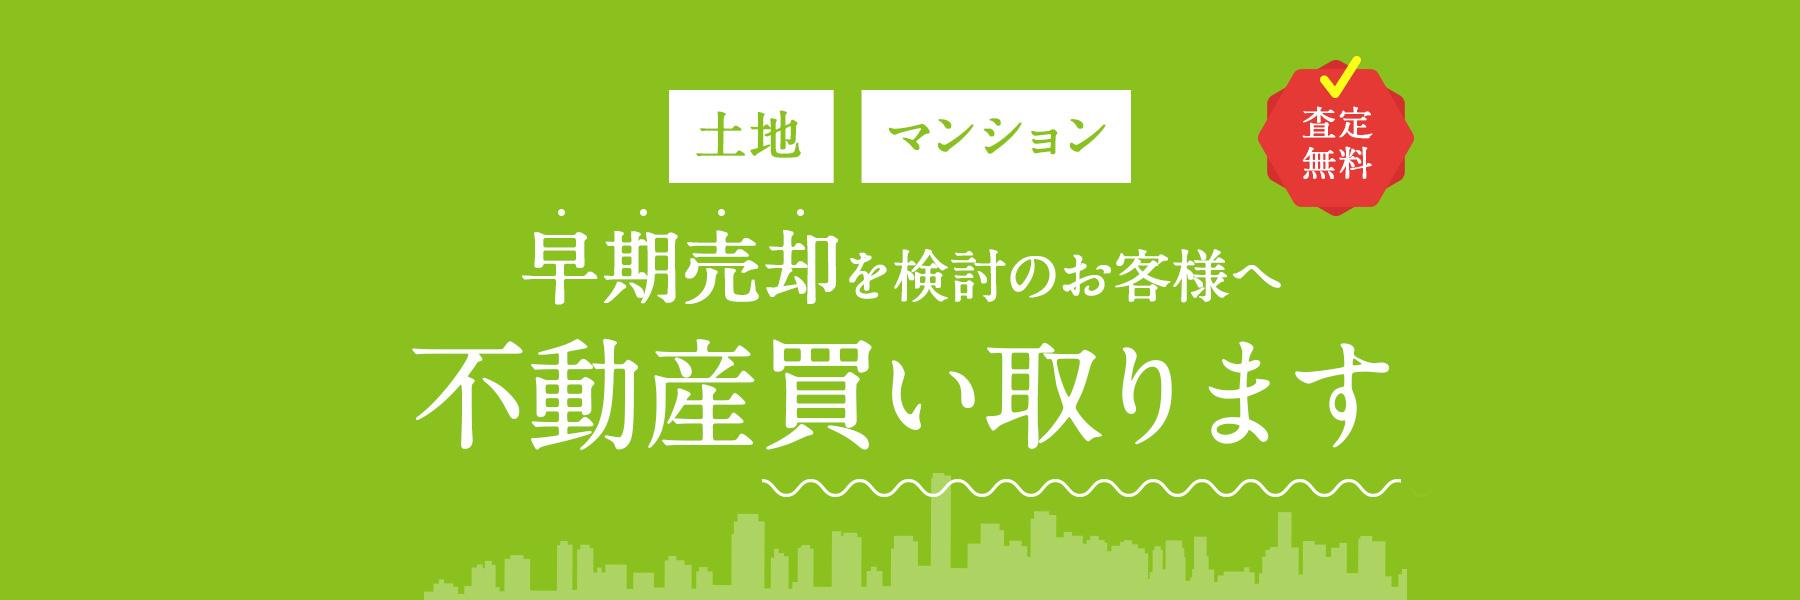 滋賀県の不動産売却をお考えなら住まいの窓口ハウスボカンにお任せください